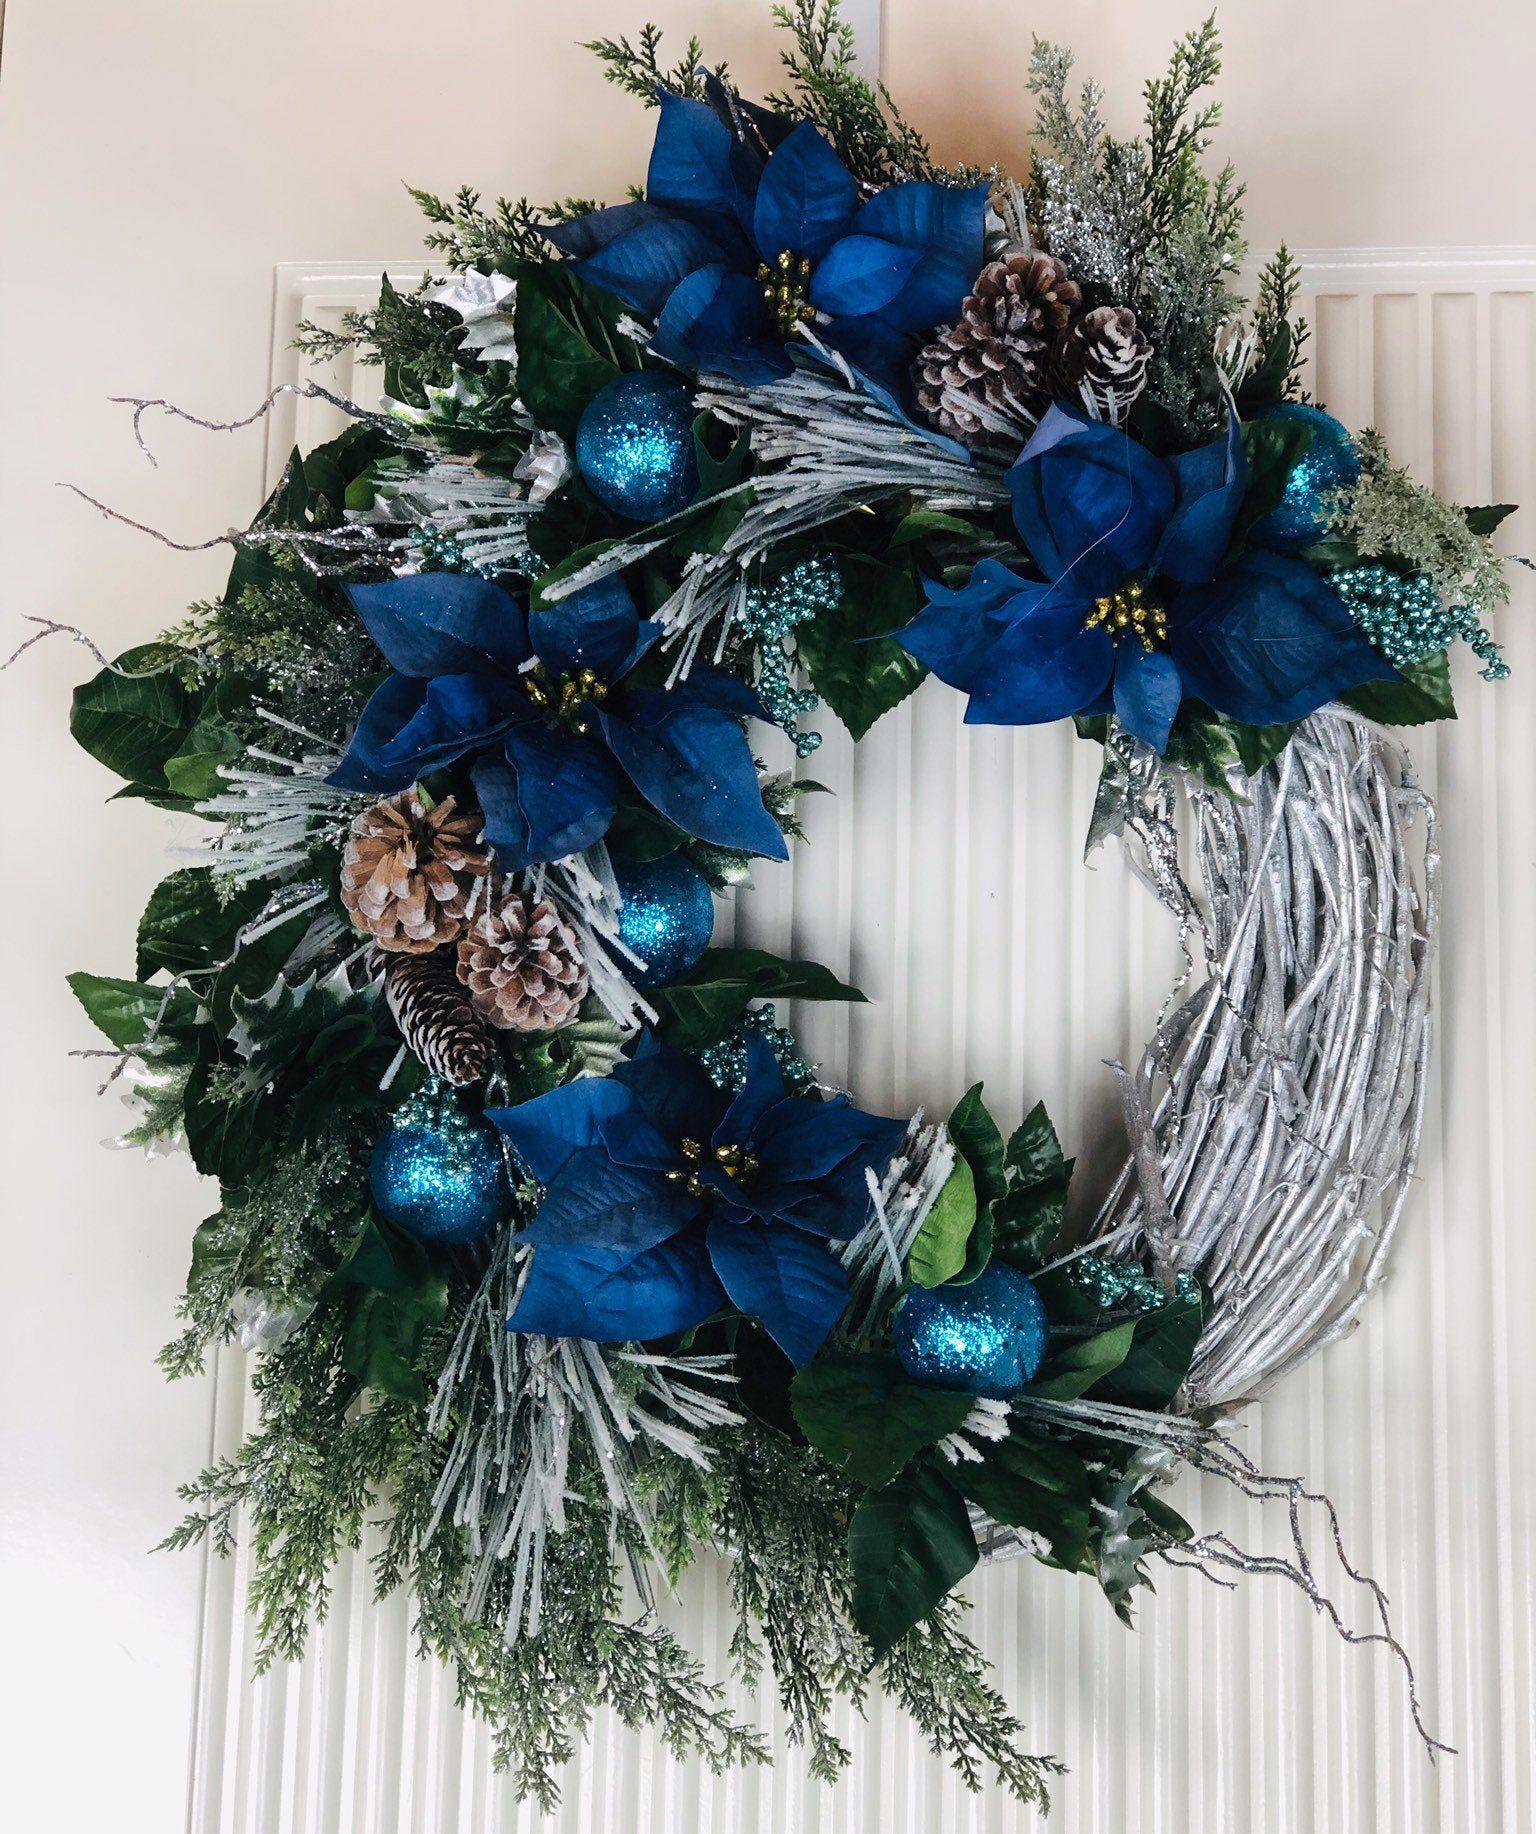 Pin on Winter wreaths